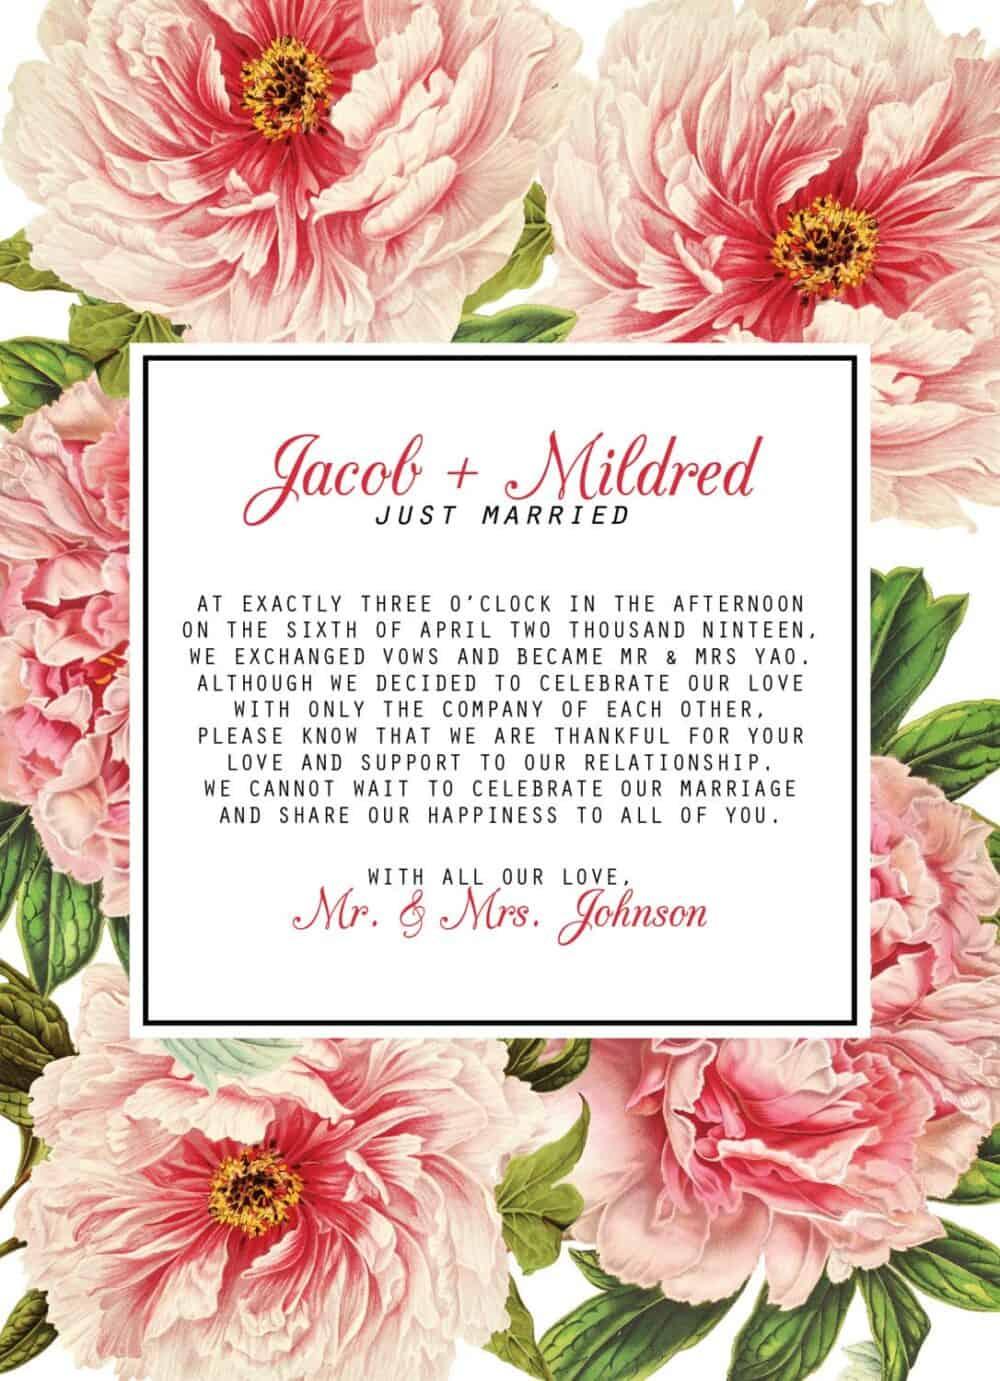 Vintage Floral Elopement Announcement Cards, Just Married Elopement Cards elopement86